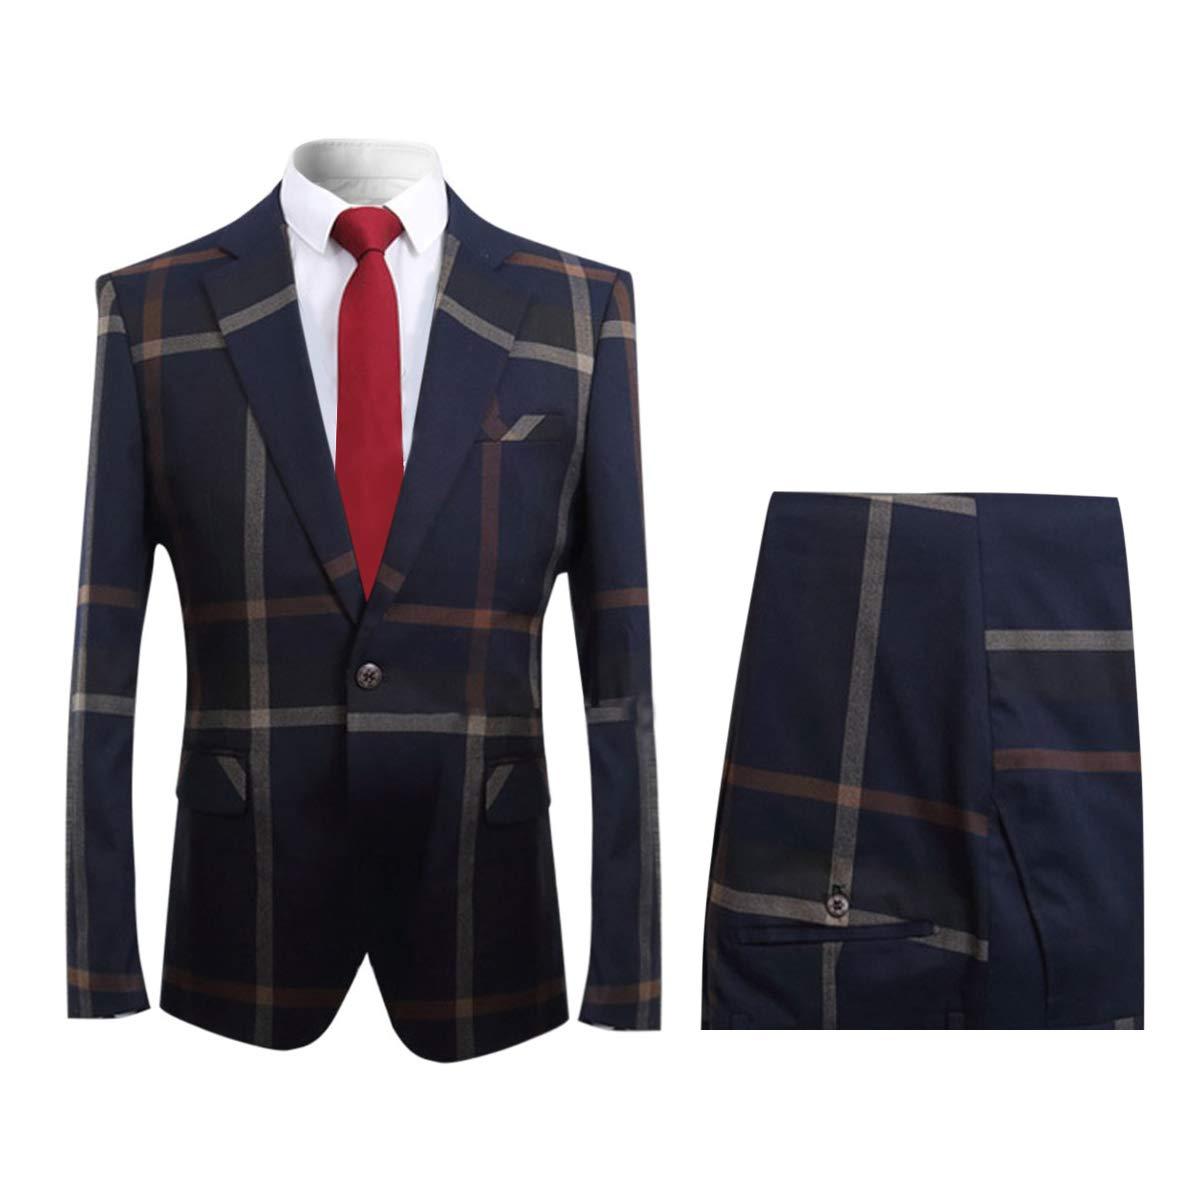 YFFUSHI Mens Plaid 2 Piece Suit Set Blazer Jacket Tux Suit Pants YFKL1B-02